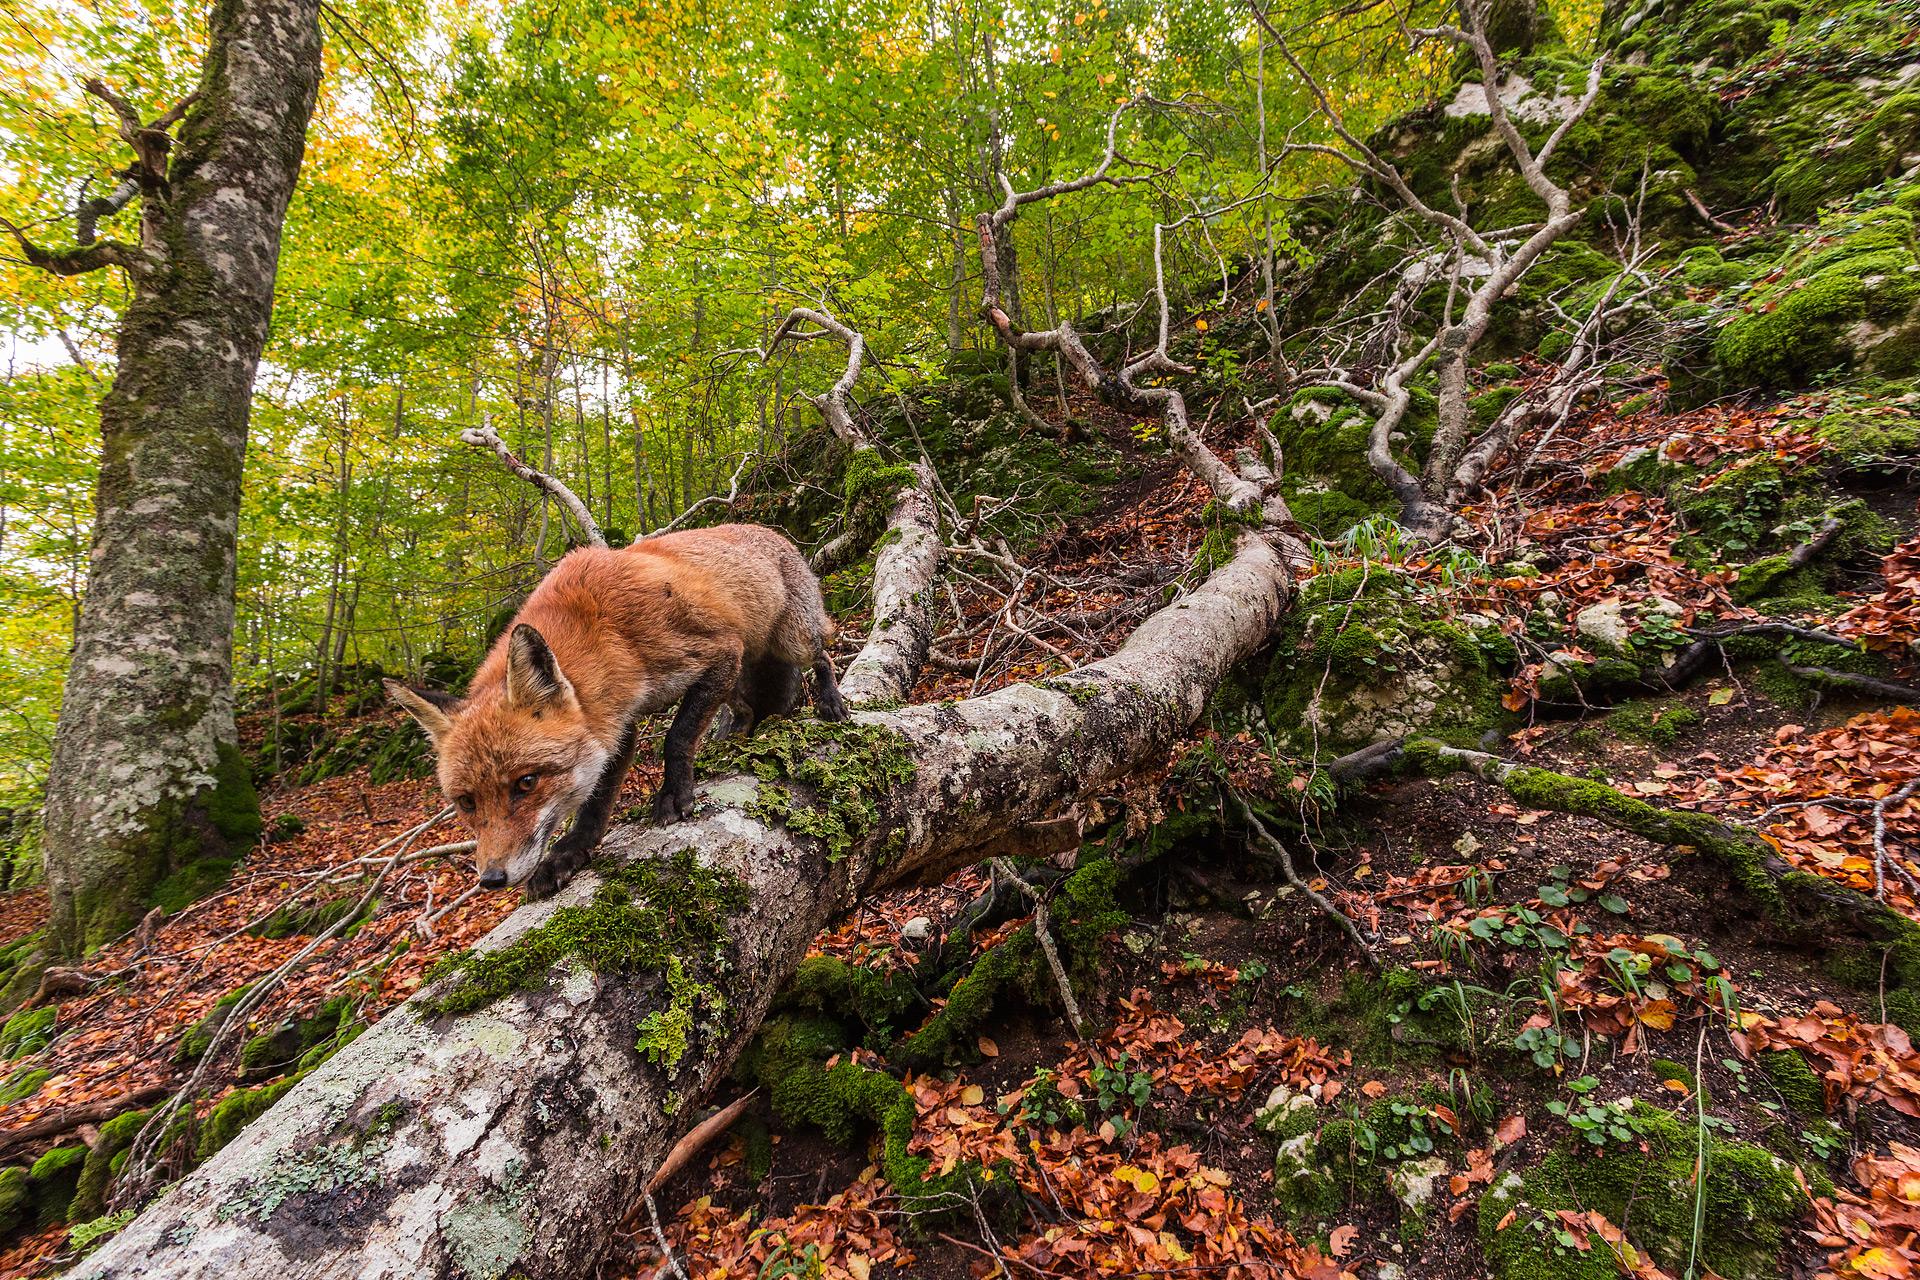 Dovremmo essere custodi rispettosi delle nostre foreste e, invece di cercare a ogni costo di gestirle, forse fare un passo indietro e soffermarci umilmente ad ammirare il trionfo della vita che si rigenera costantemente.